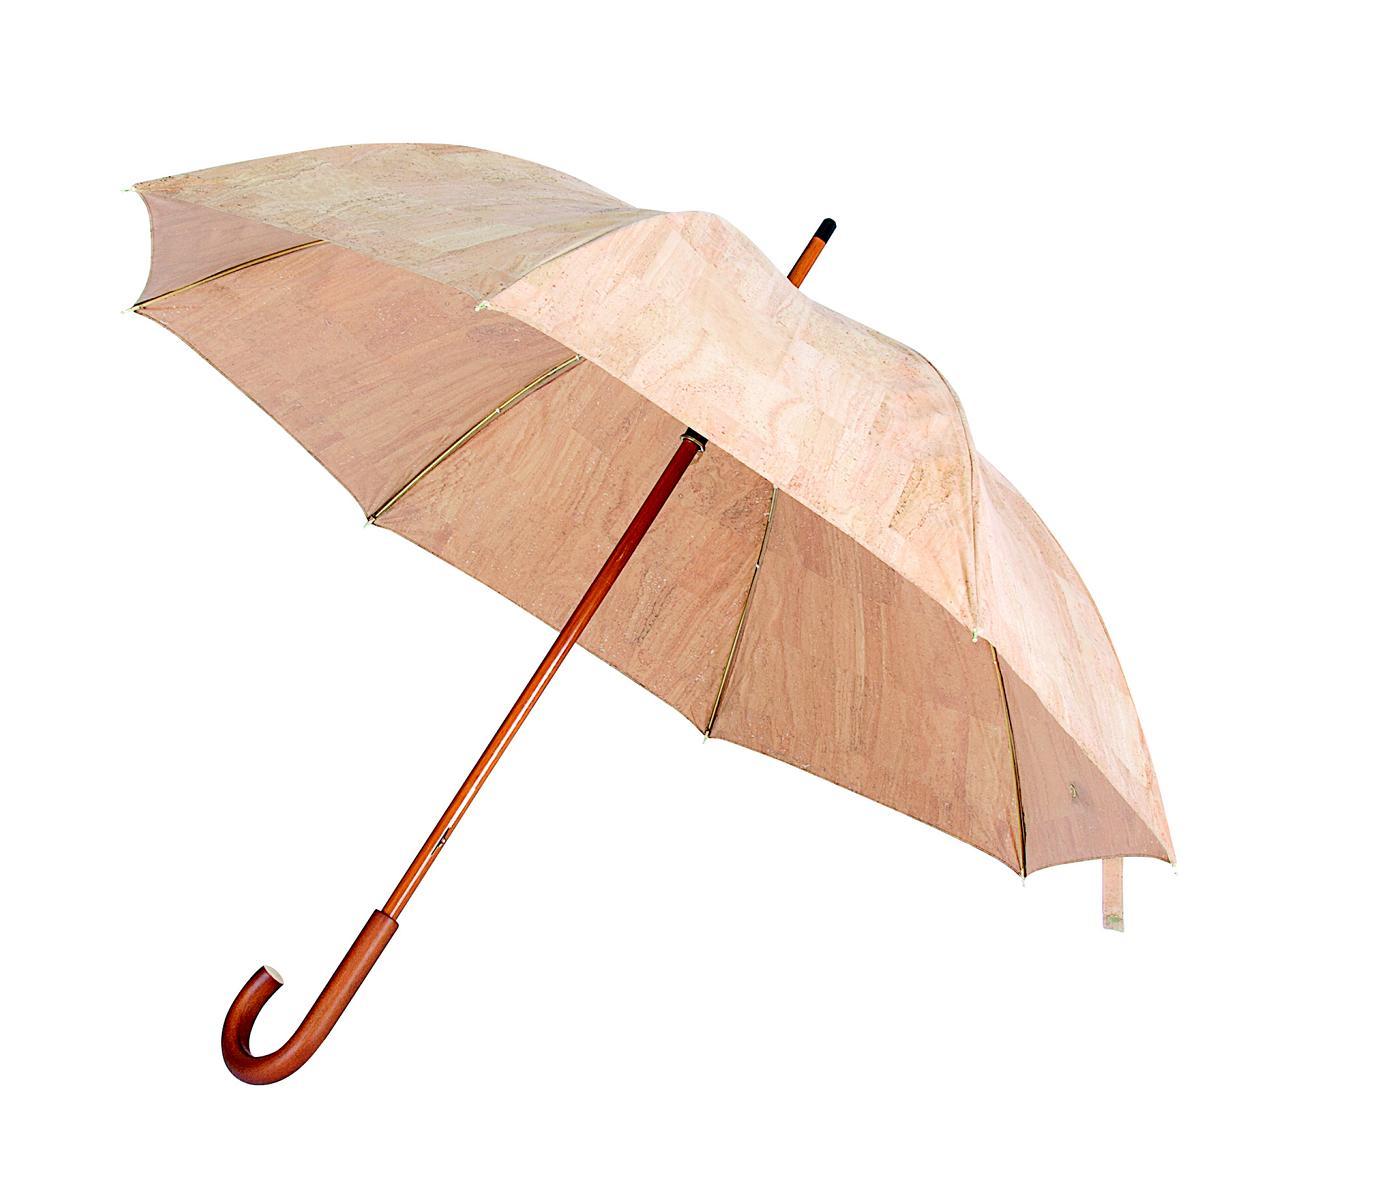 Schirm aus Korkhaut / Korkleder / Korkstoff kaufen